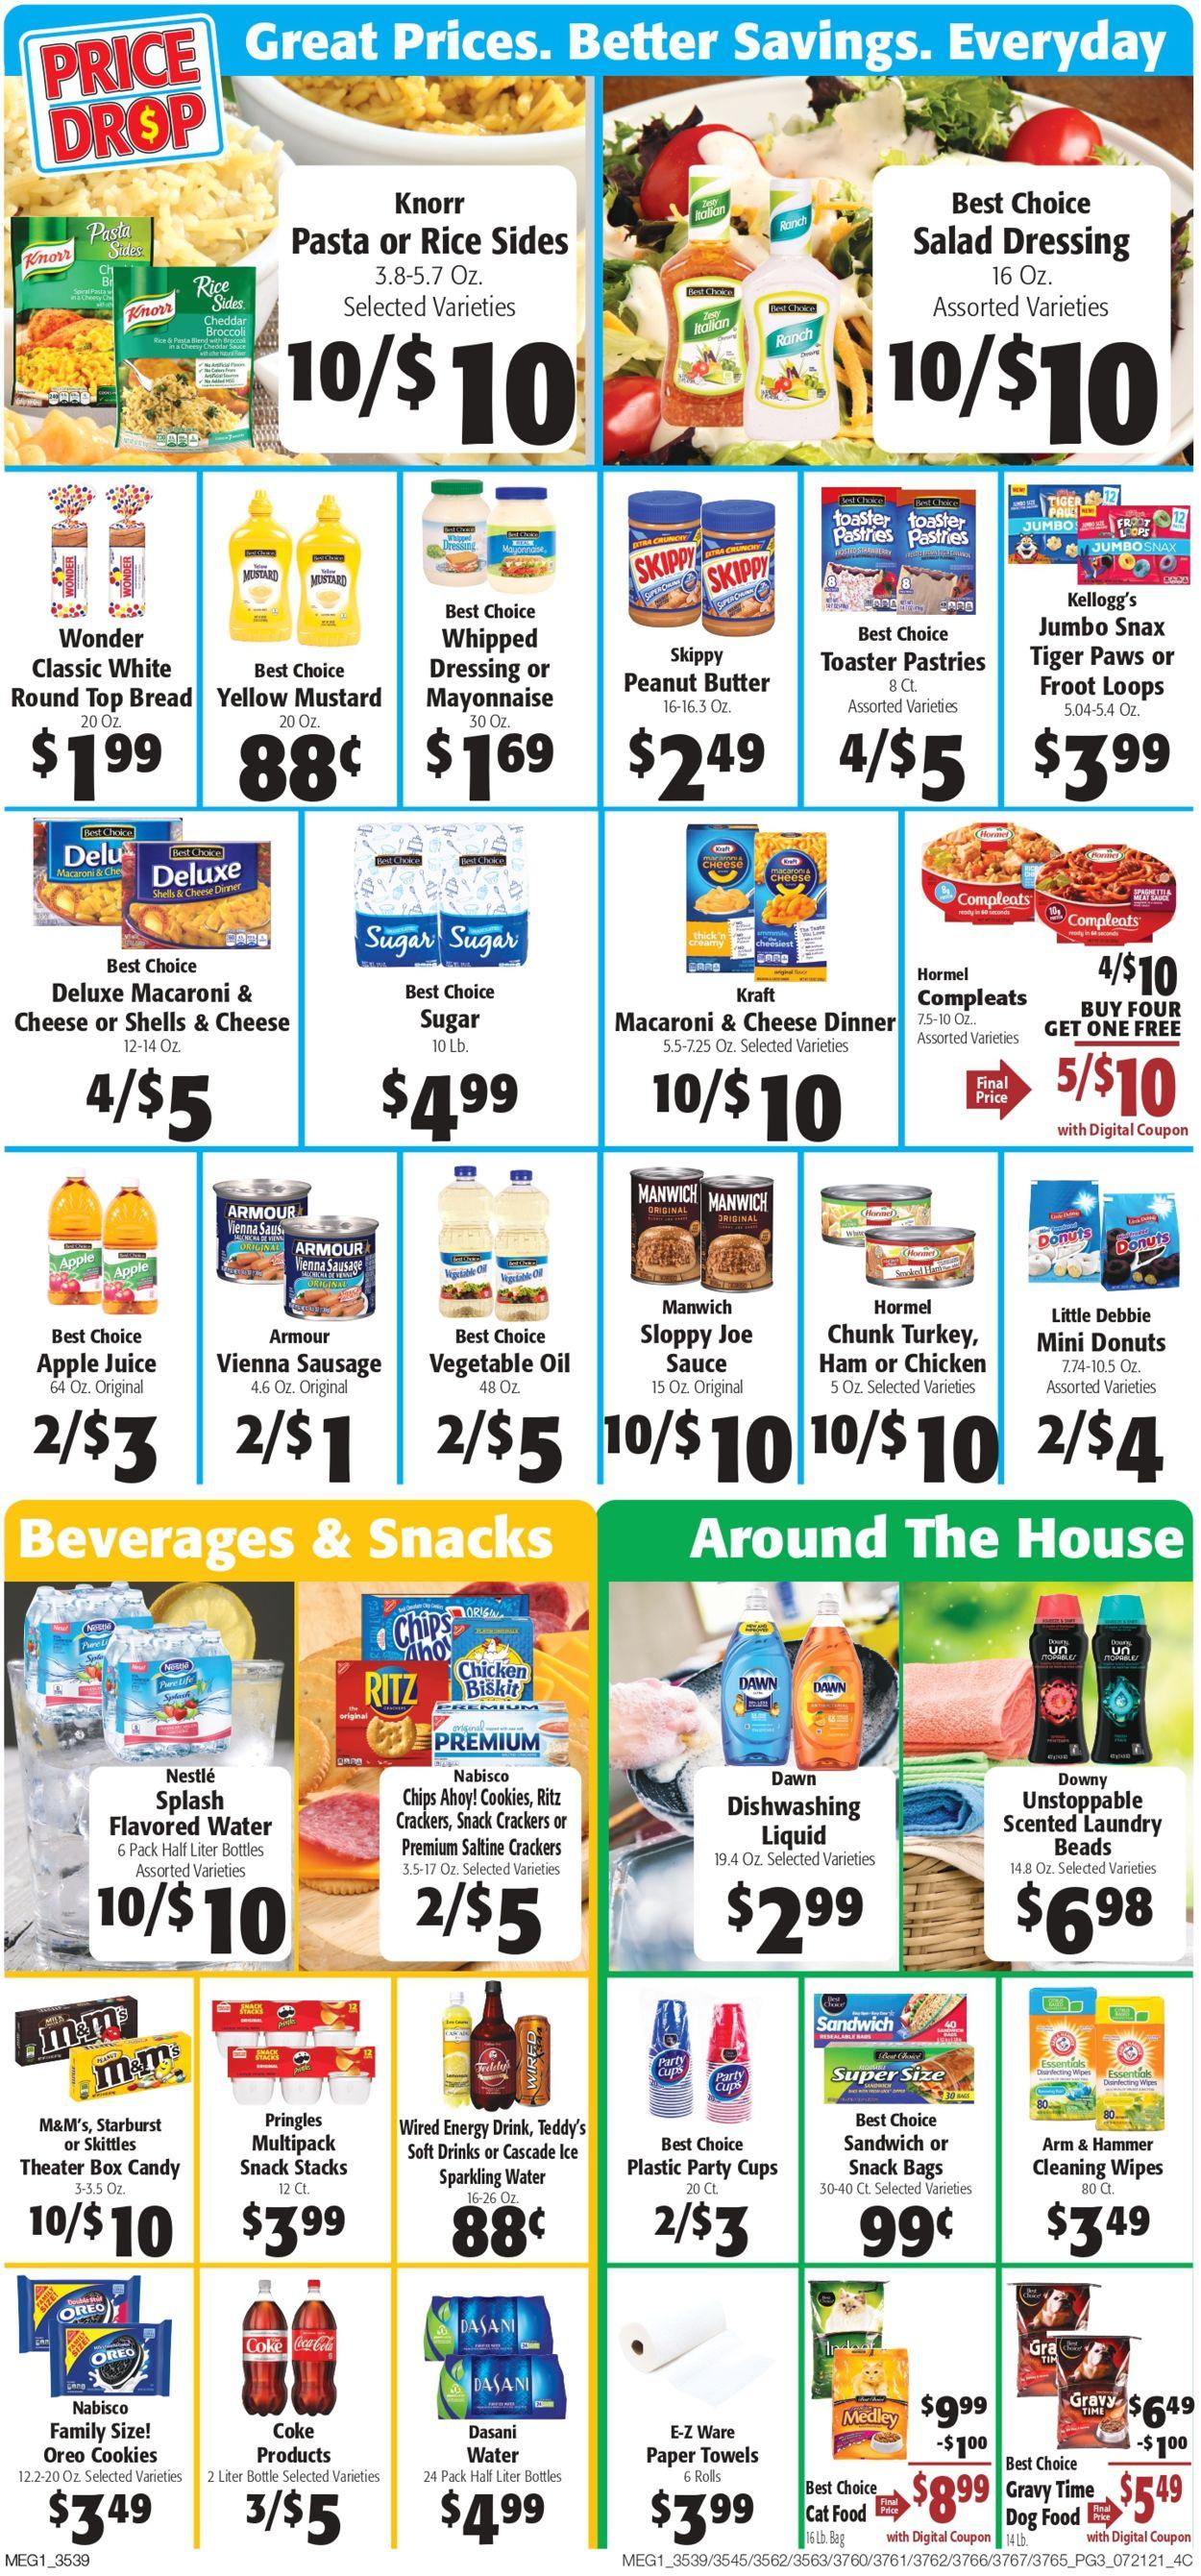 Hays Supermarket Weekly Ad Circular - valid 07/21-07/27/2021 (Page 3)